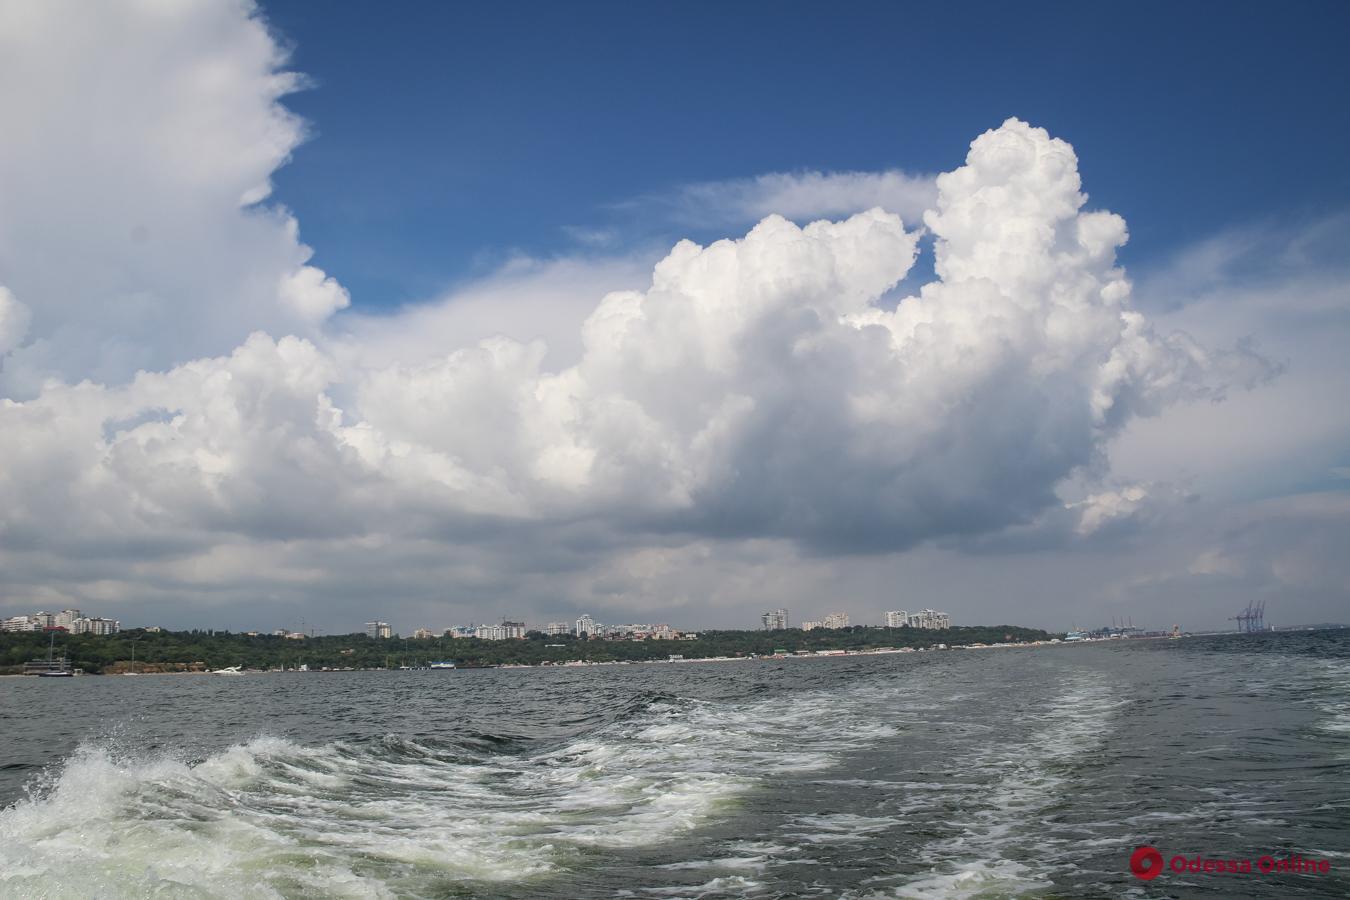 Одесса: хмурое небо и неспокойное море (фоторепортаж)